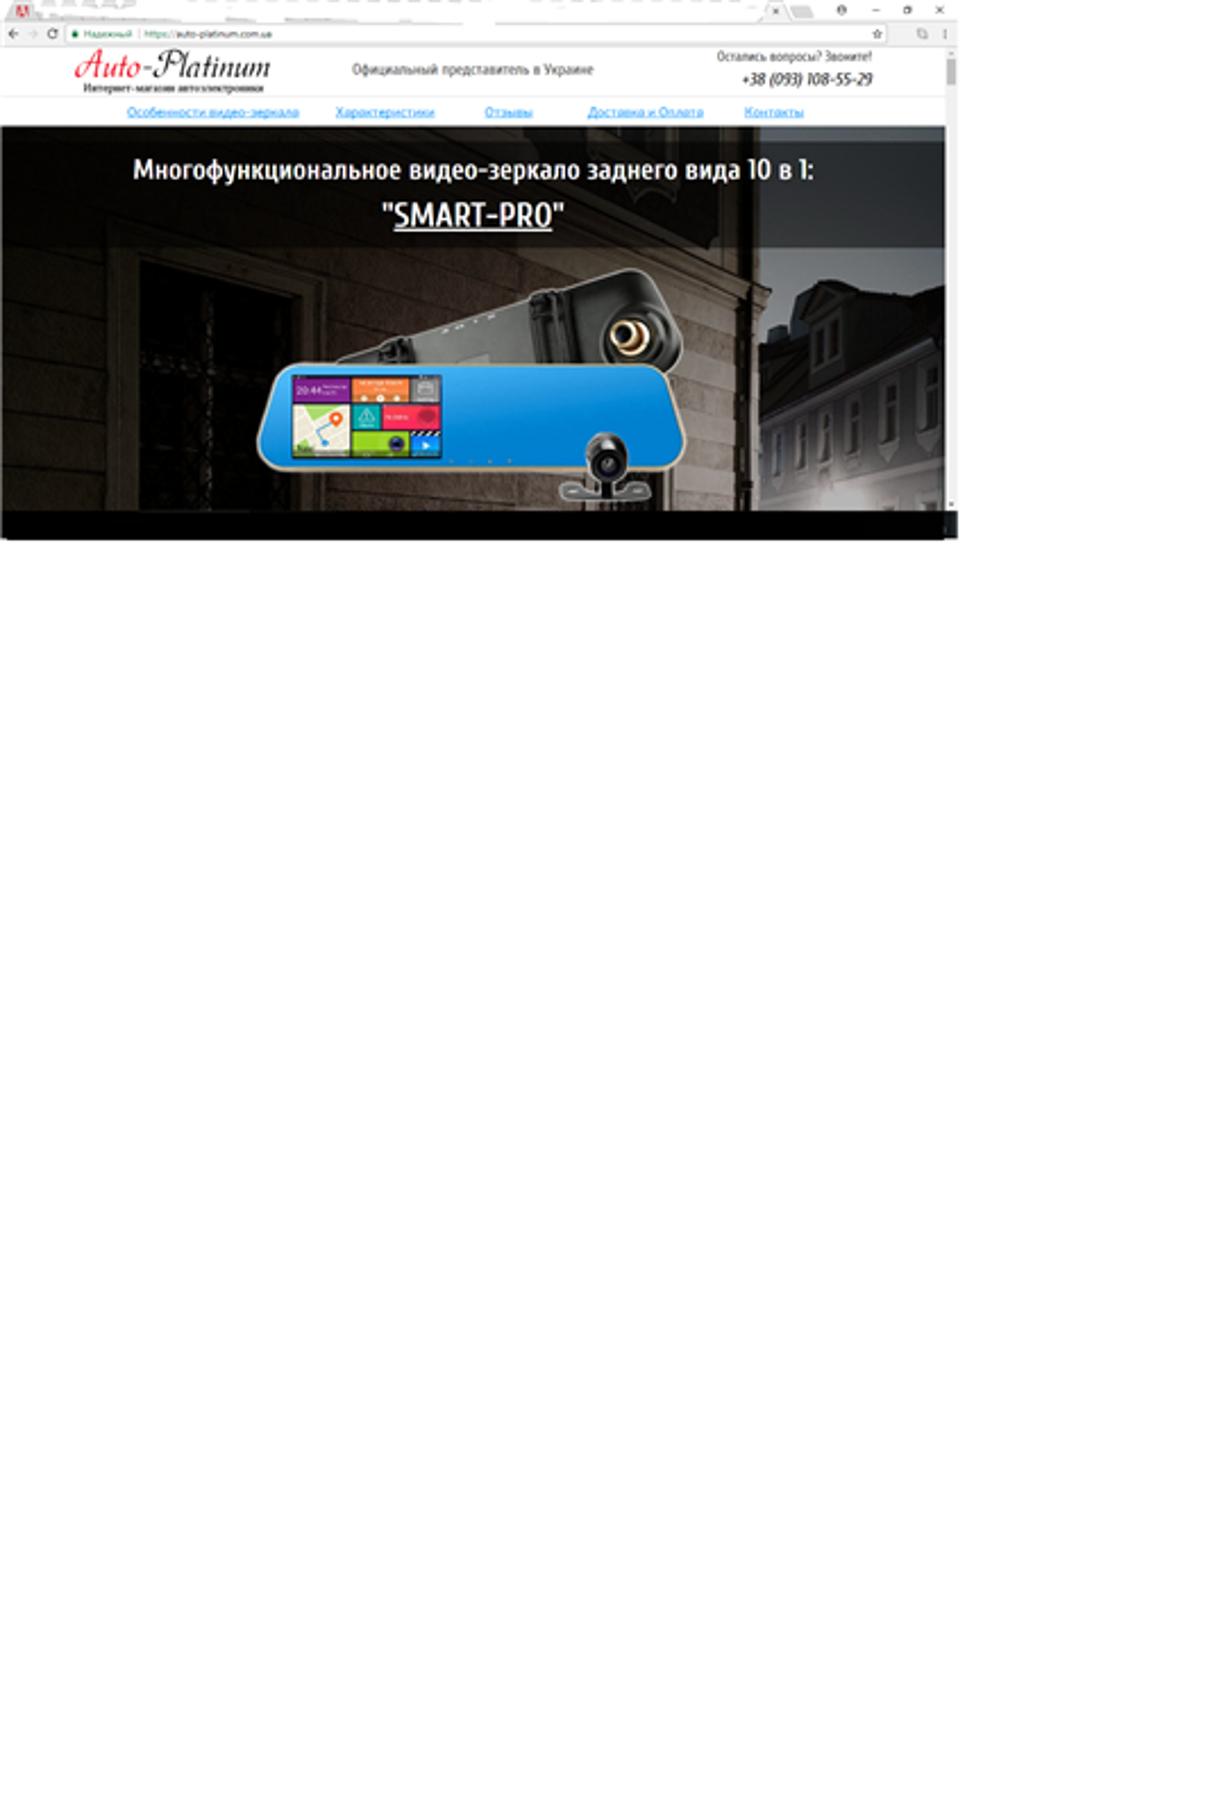 Жалоба-отзыв: Панкратов Николай Дмитриевич https://auto-platinum.com.ua - Занимается лохотроном, продаёт по цене 2999 зеркало видеорегистратор по цене 600 грн.  Фото №1